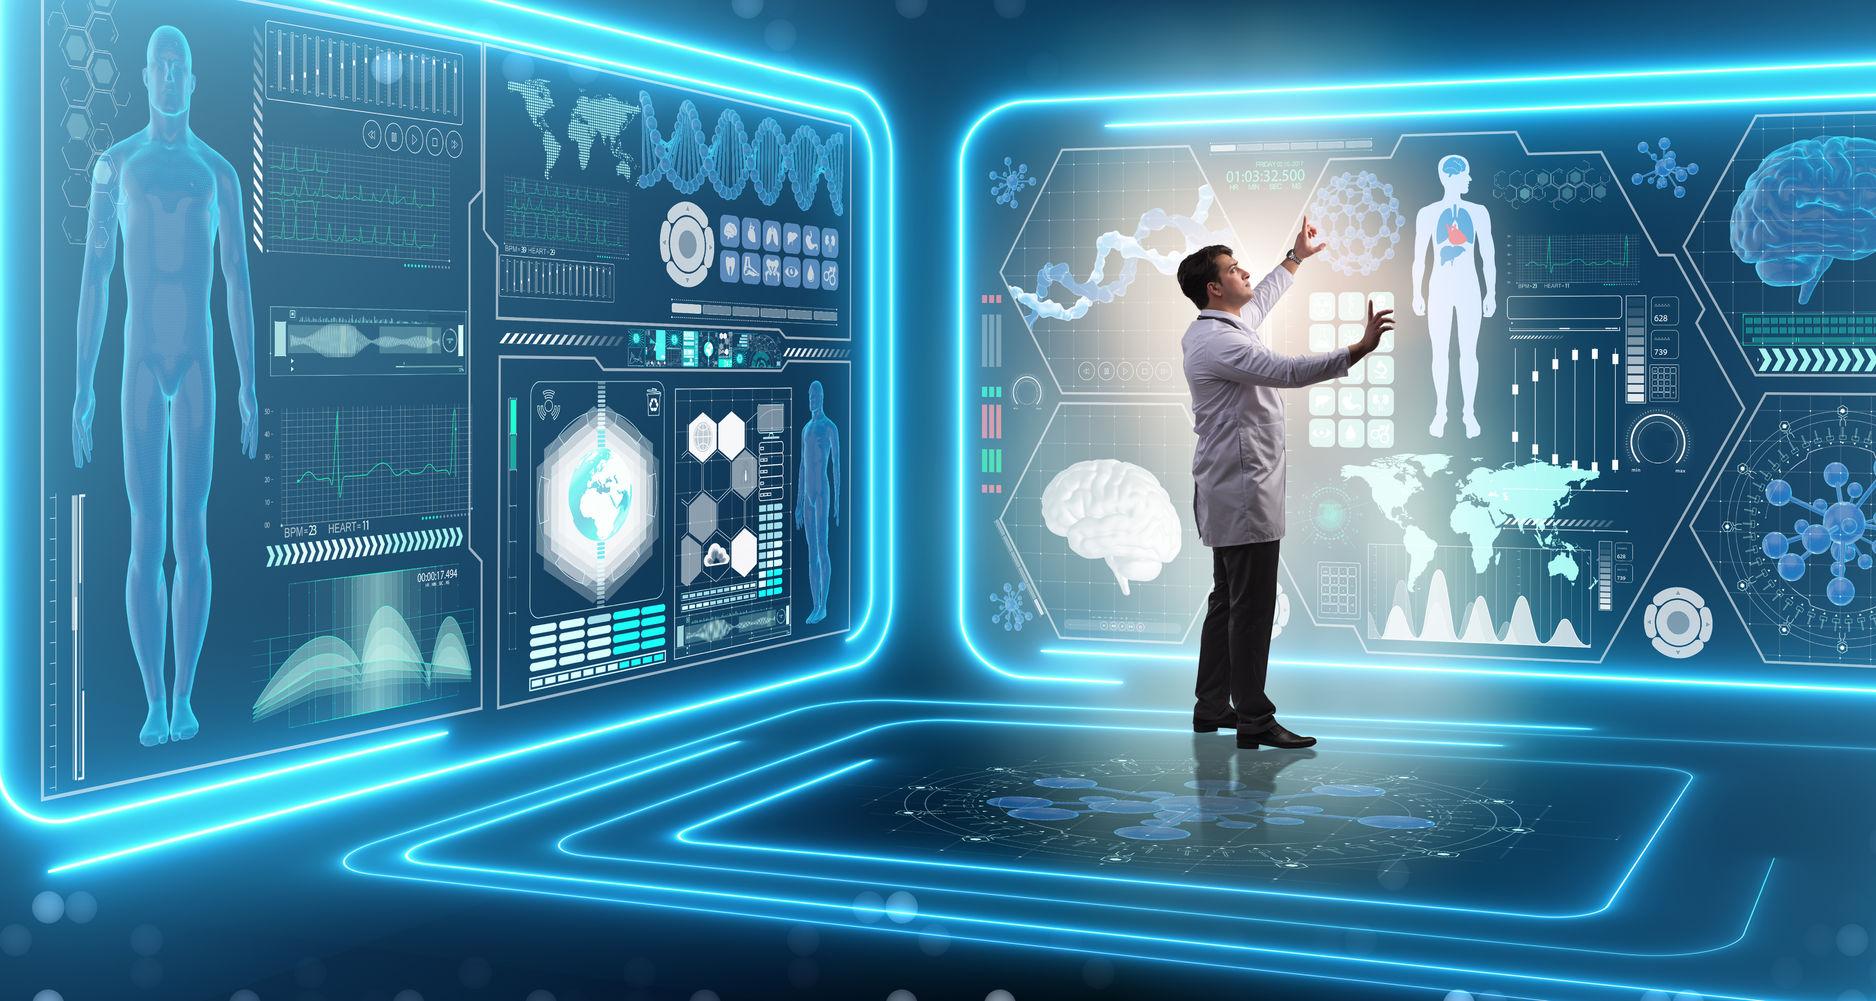 sztuczna inteligencja medycyna